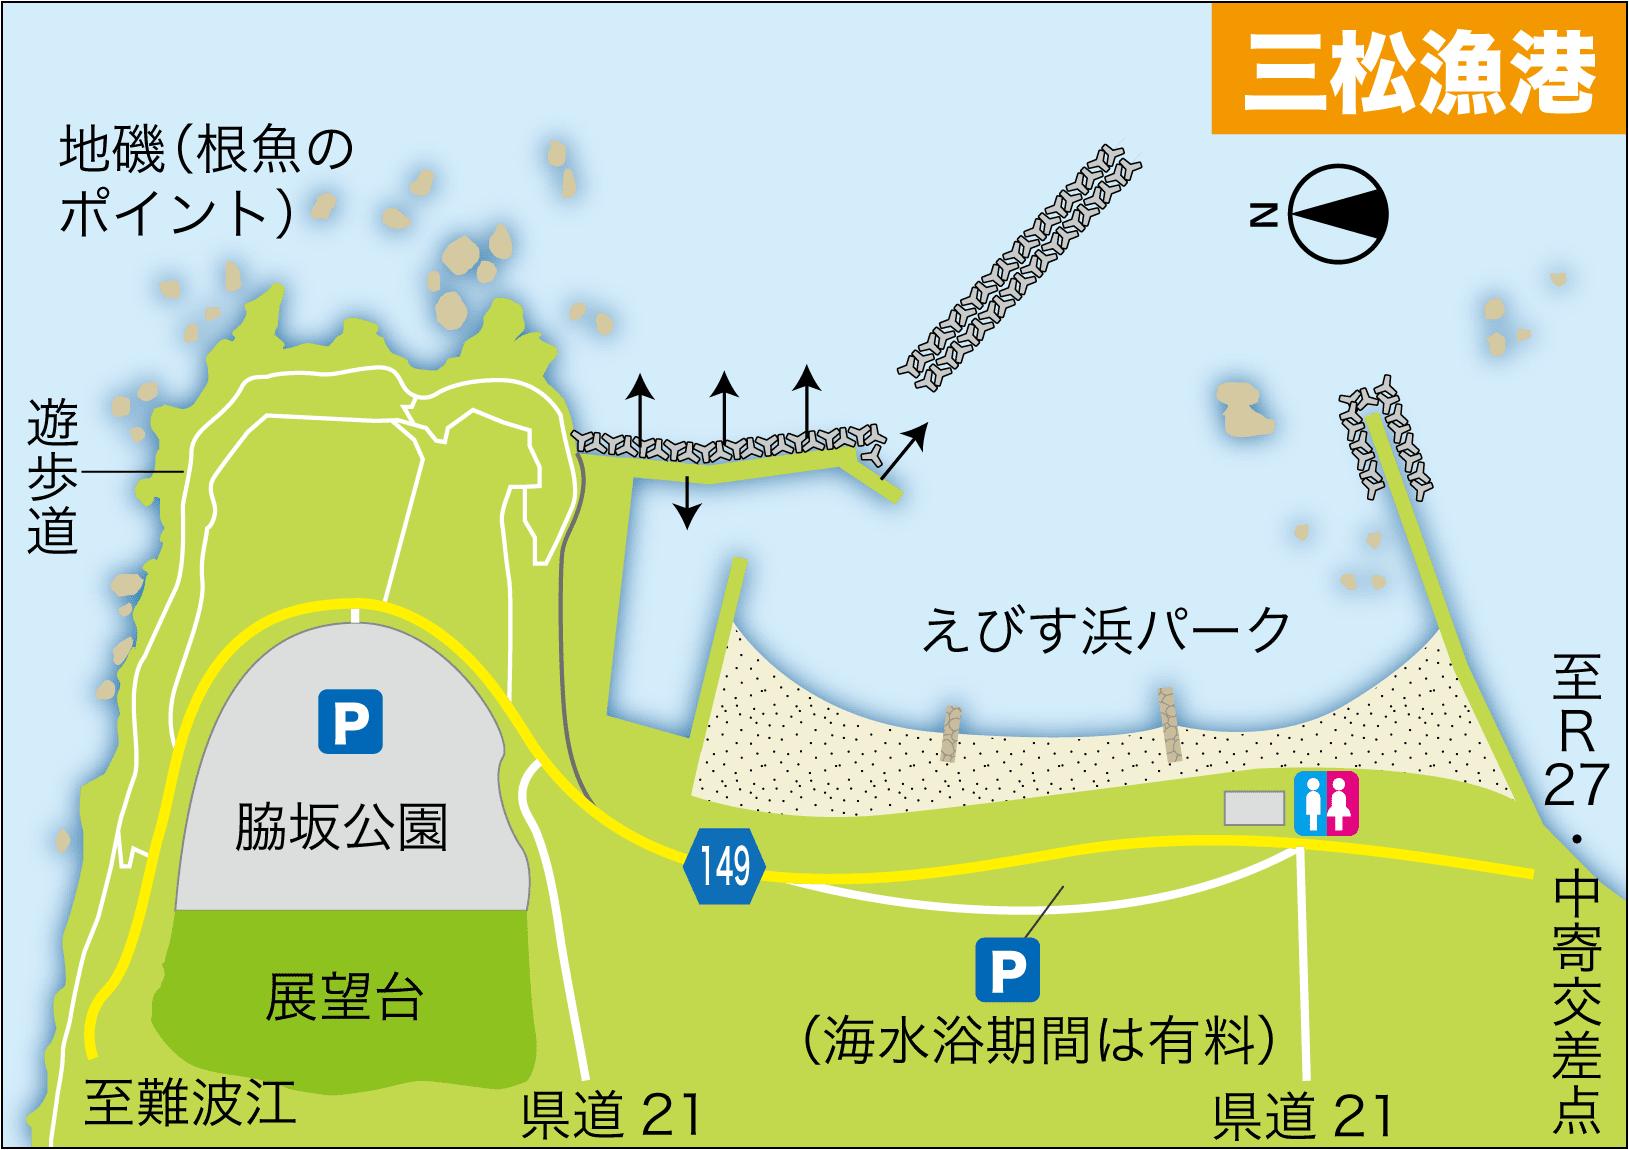 日本海穴場 西三松13